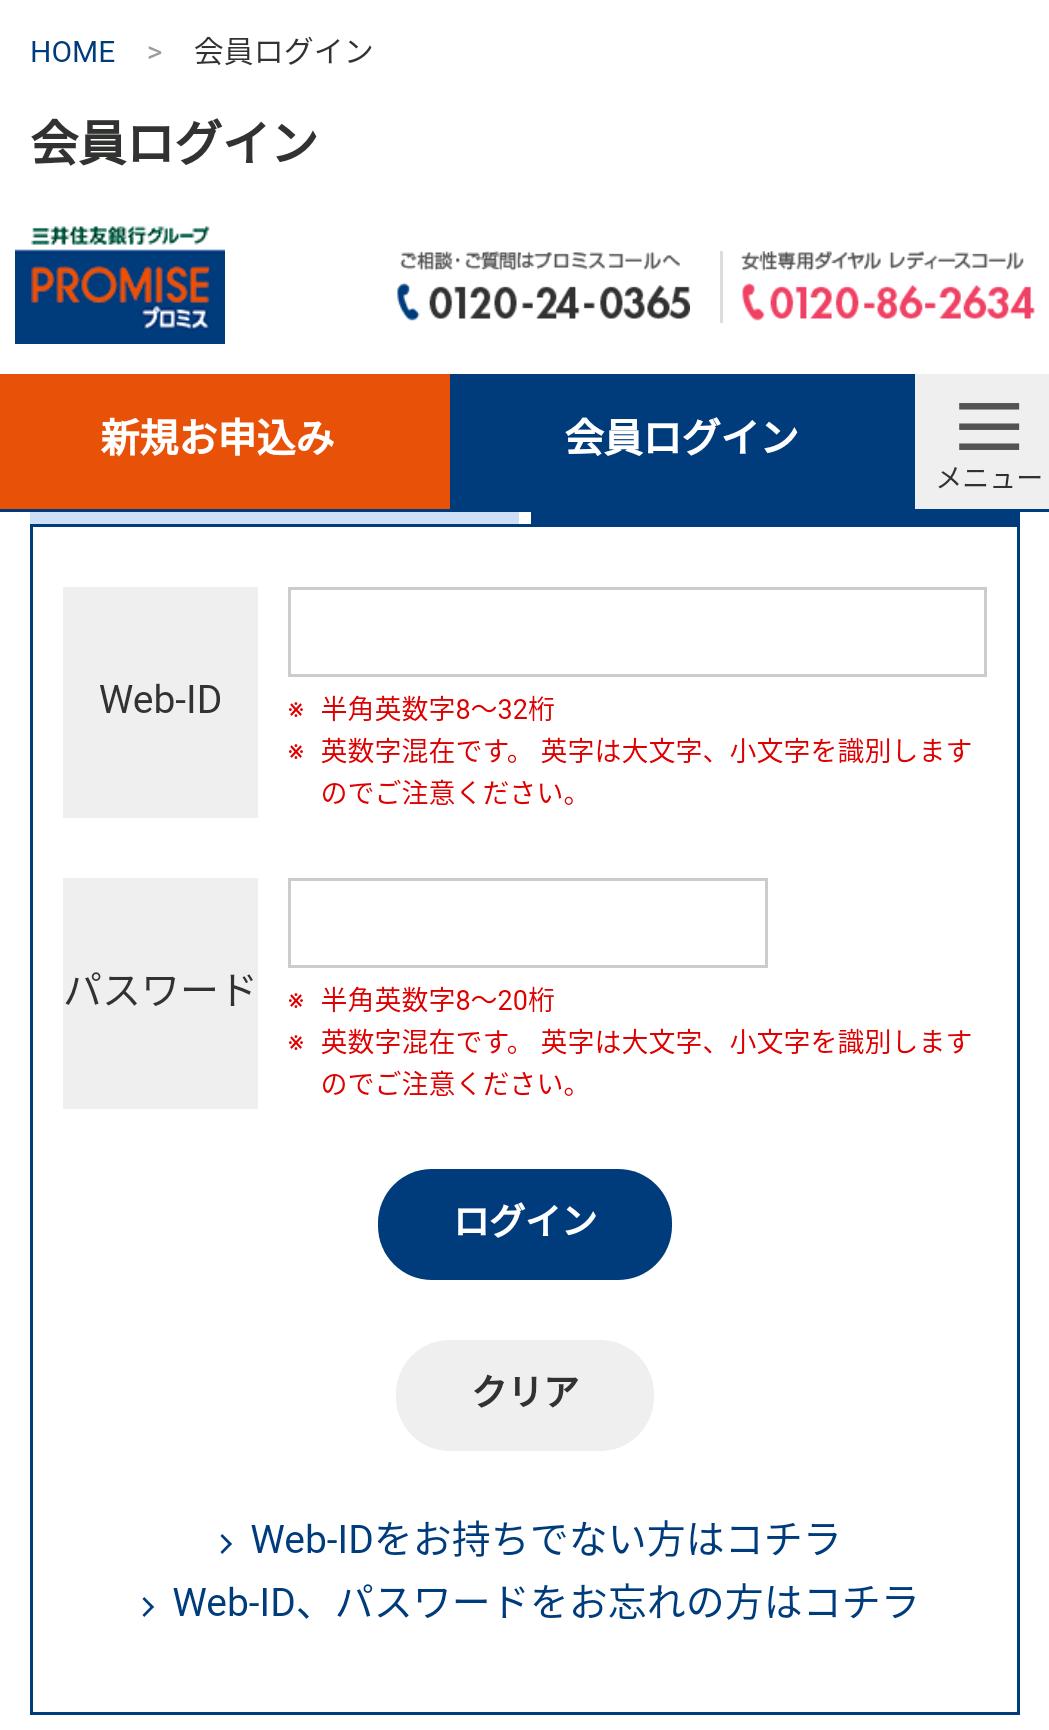 プロミス『Web-IDでログインのお客さま』